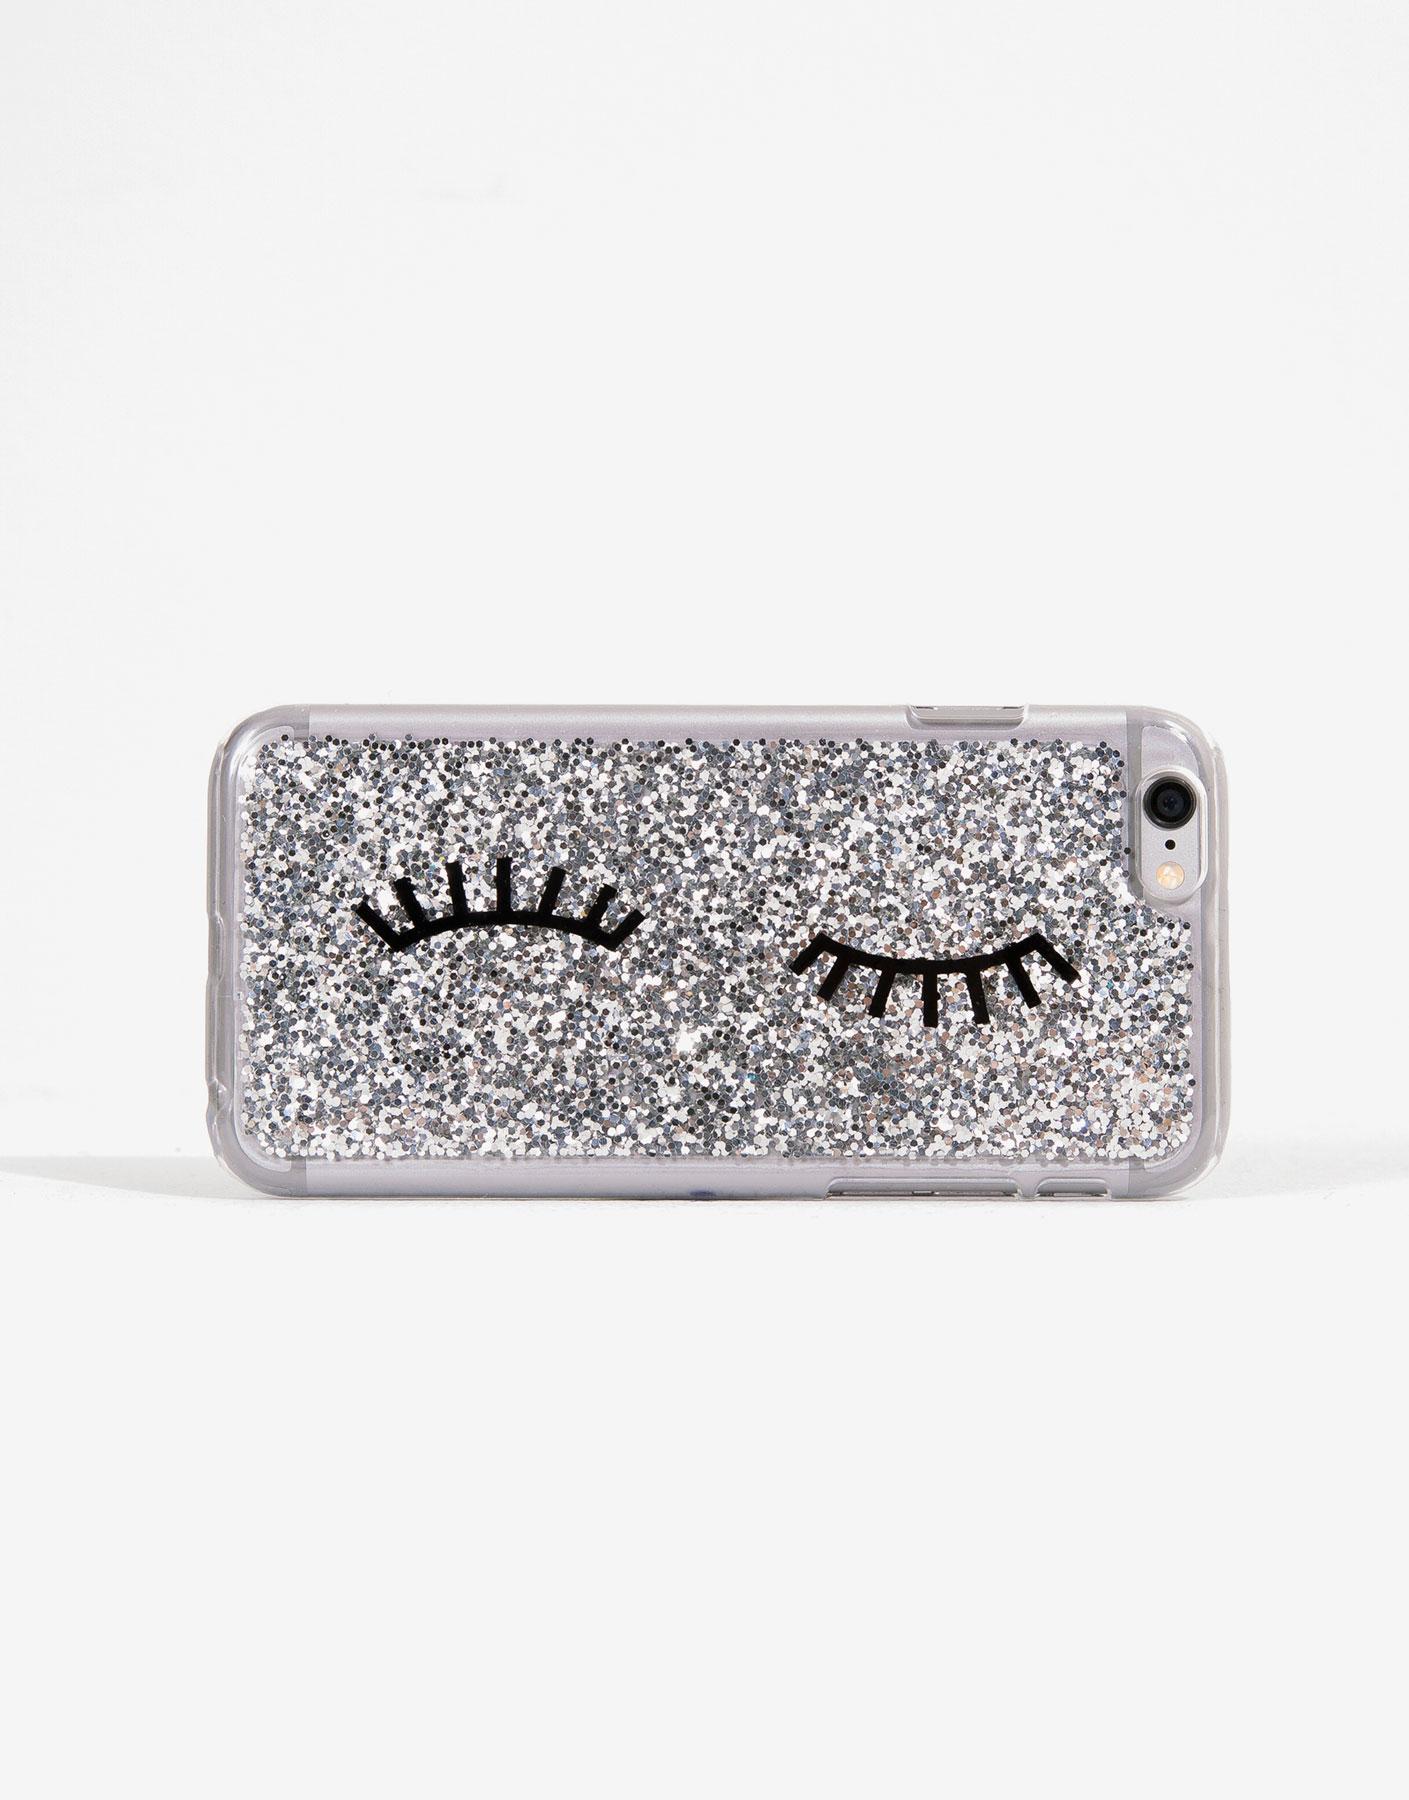 Silver glitter smartphone case